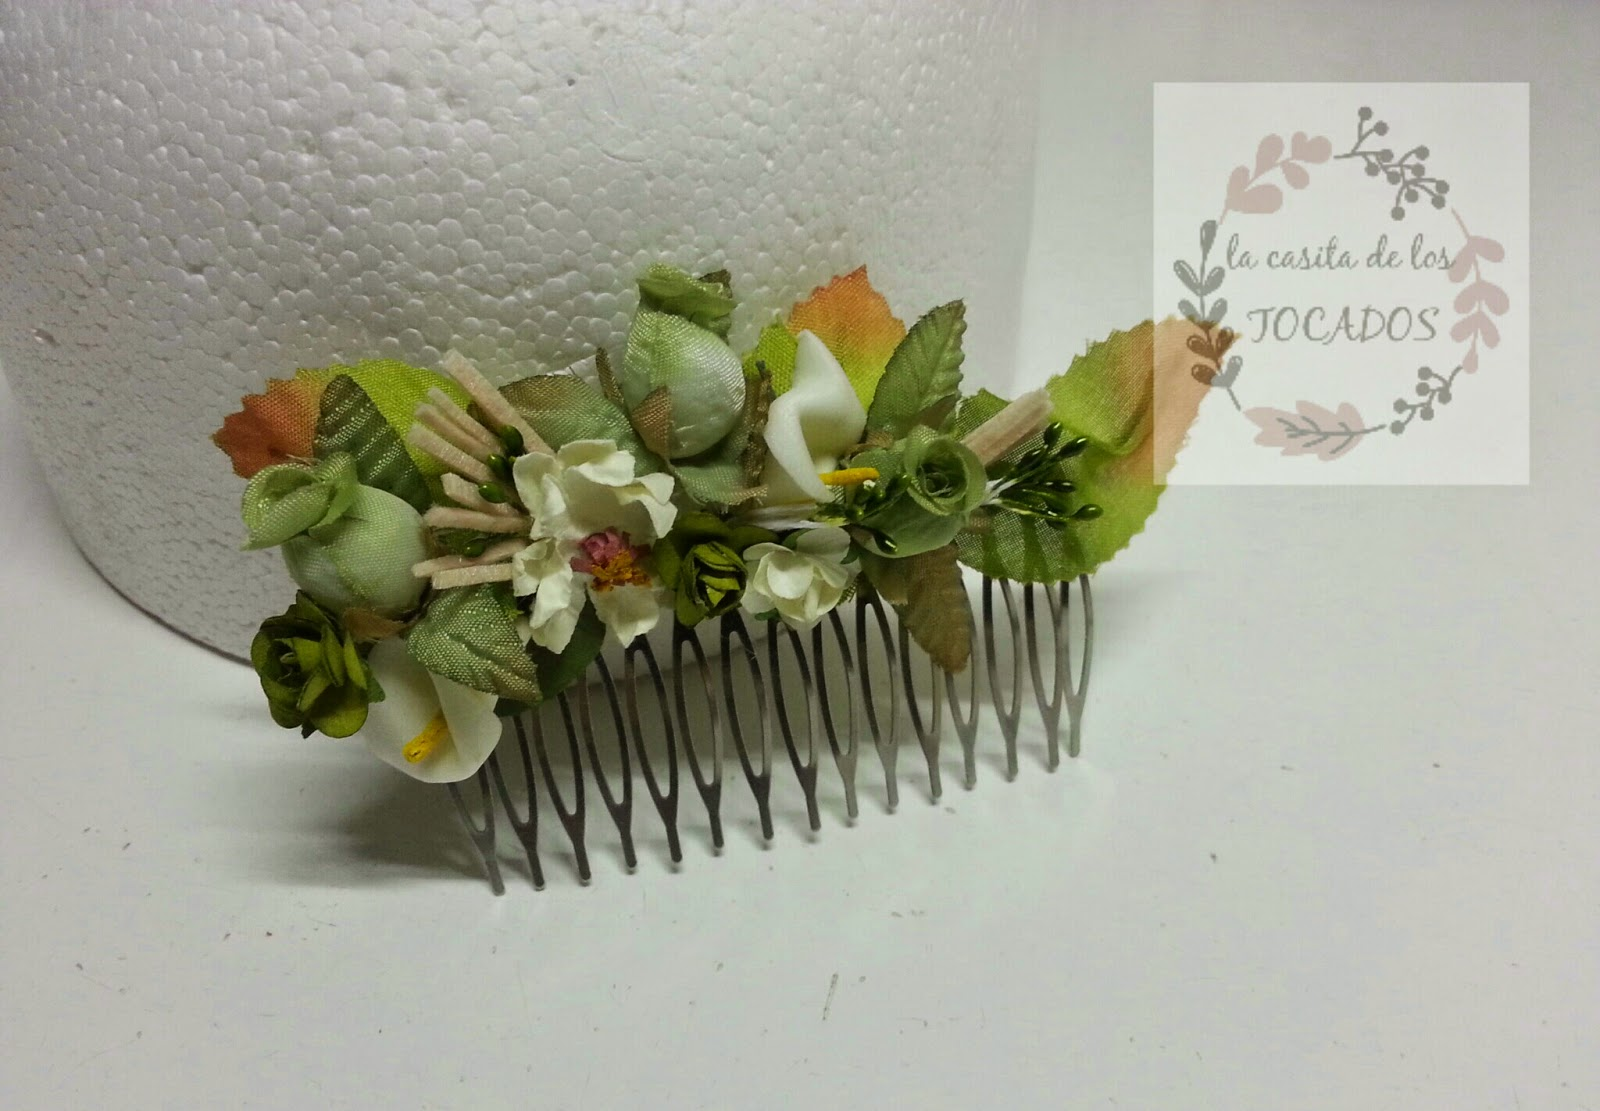 peineta en color verde con florecillas, hojas, calas y pistilos